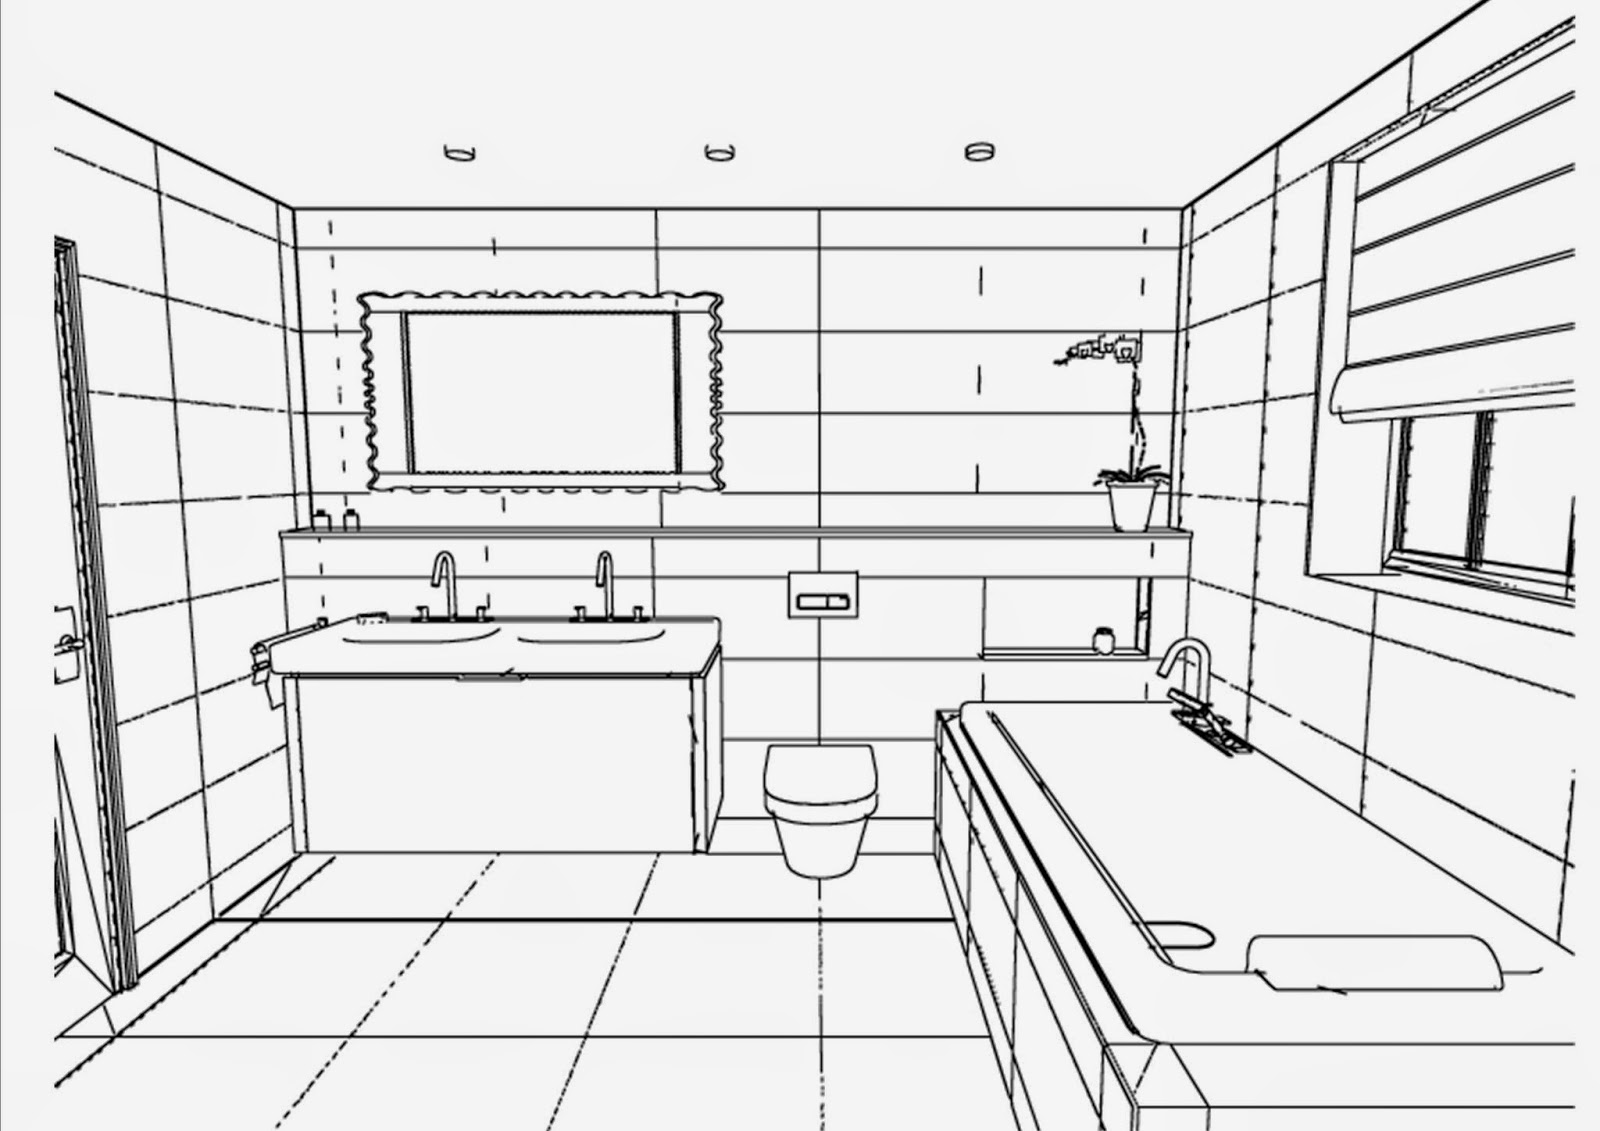 #3C3C3C Veja também como você pode renovar os azulejos sem gastar muito . 1600x1131 px Projeto De Cozinha Com Banheiro #2827 imagens